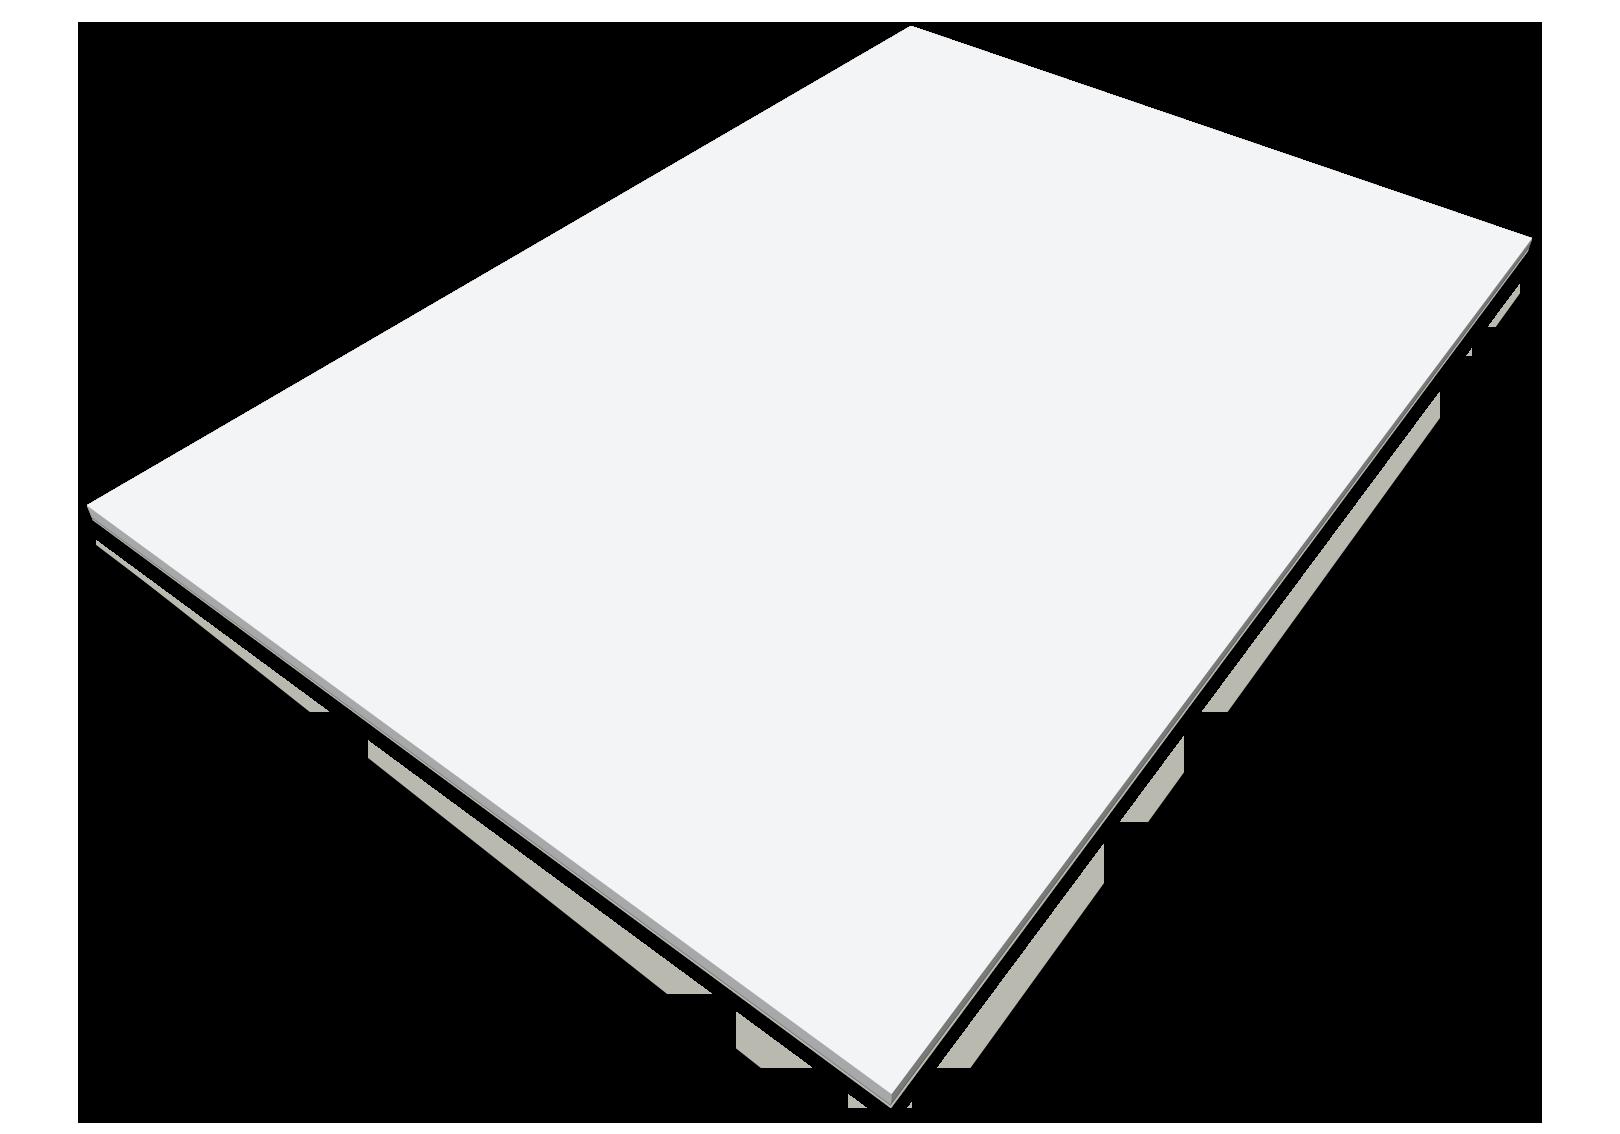 Självhäftande block, A4 Konferensblock CMYK, stor bild